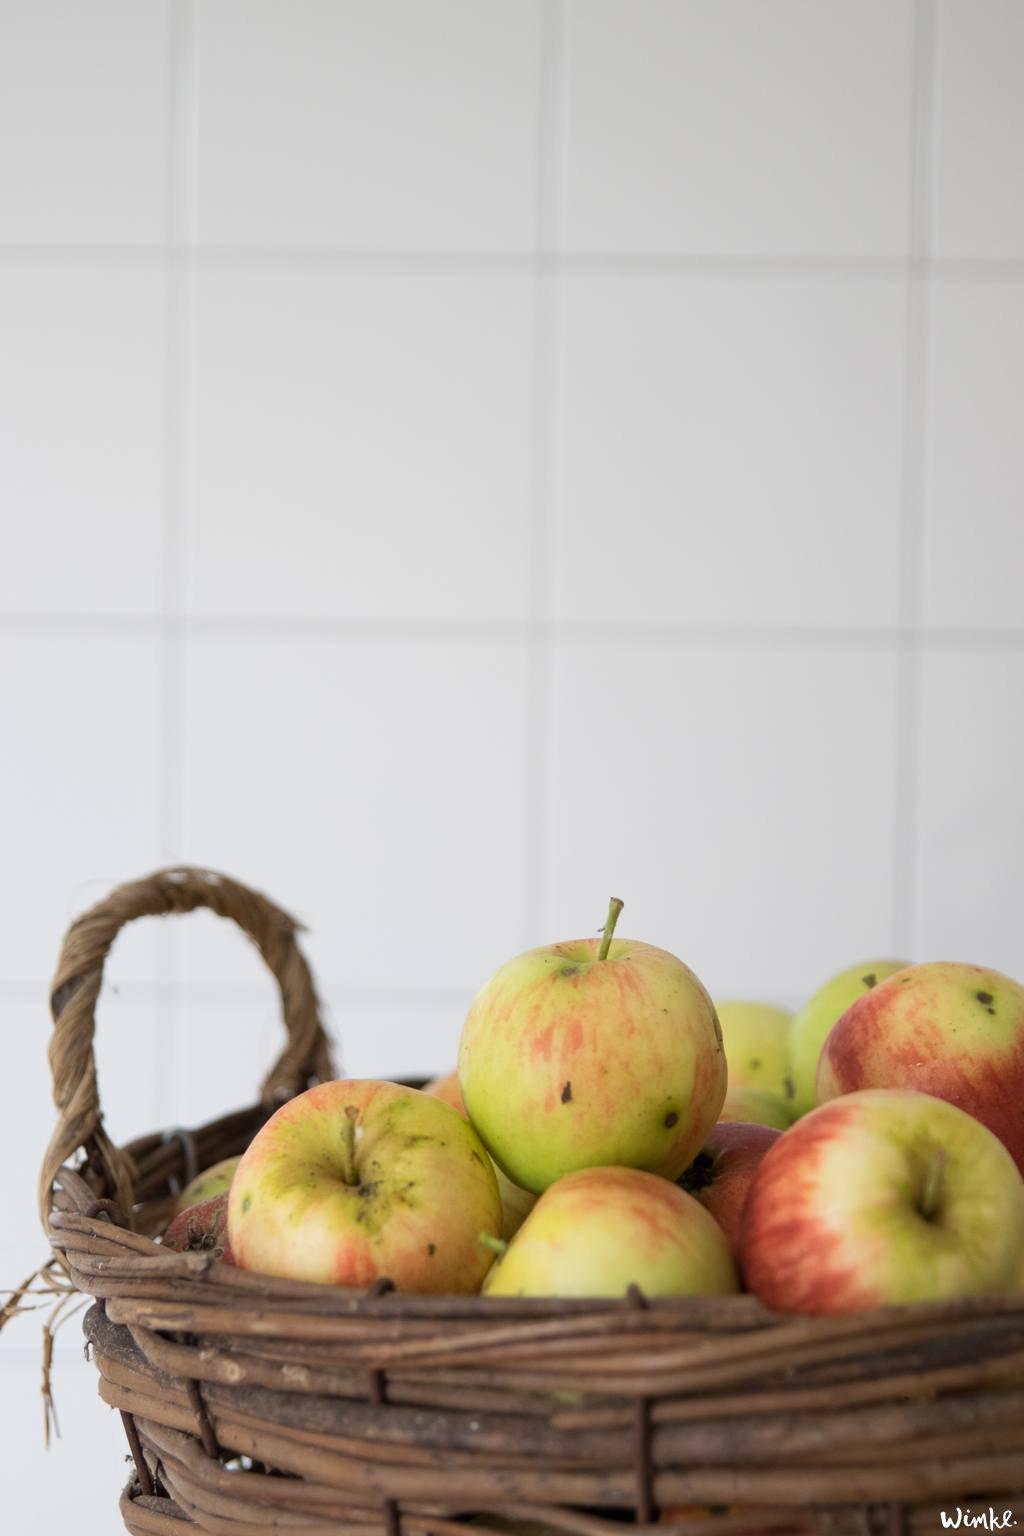 Van een mand geplukte appels maak je een appelclafoutis wimke.nl